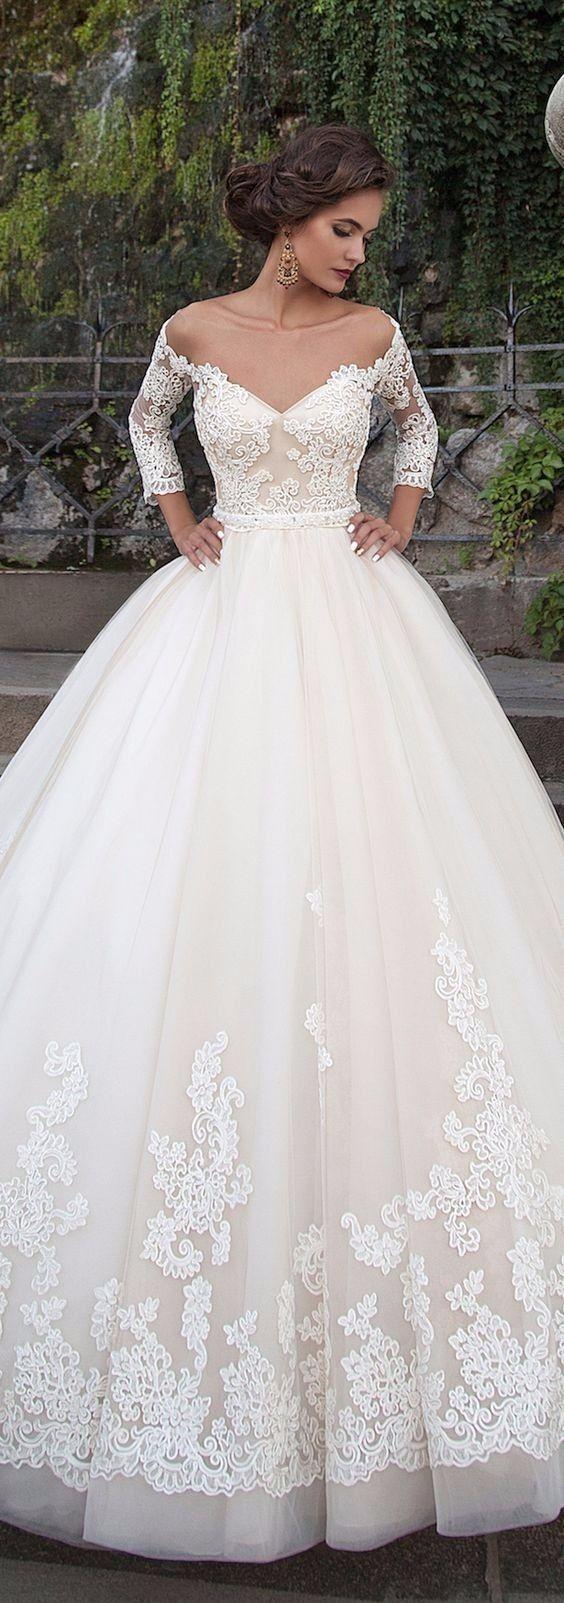 Robe de mariée Milla Nova : princesse en dentelle avec manches longues                                                                                                                                                                                 Plus